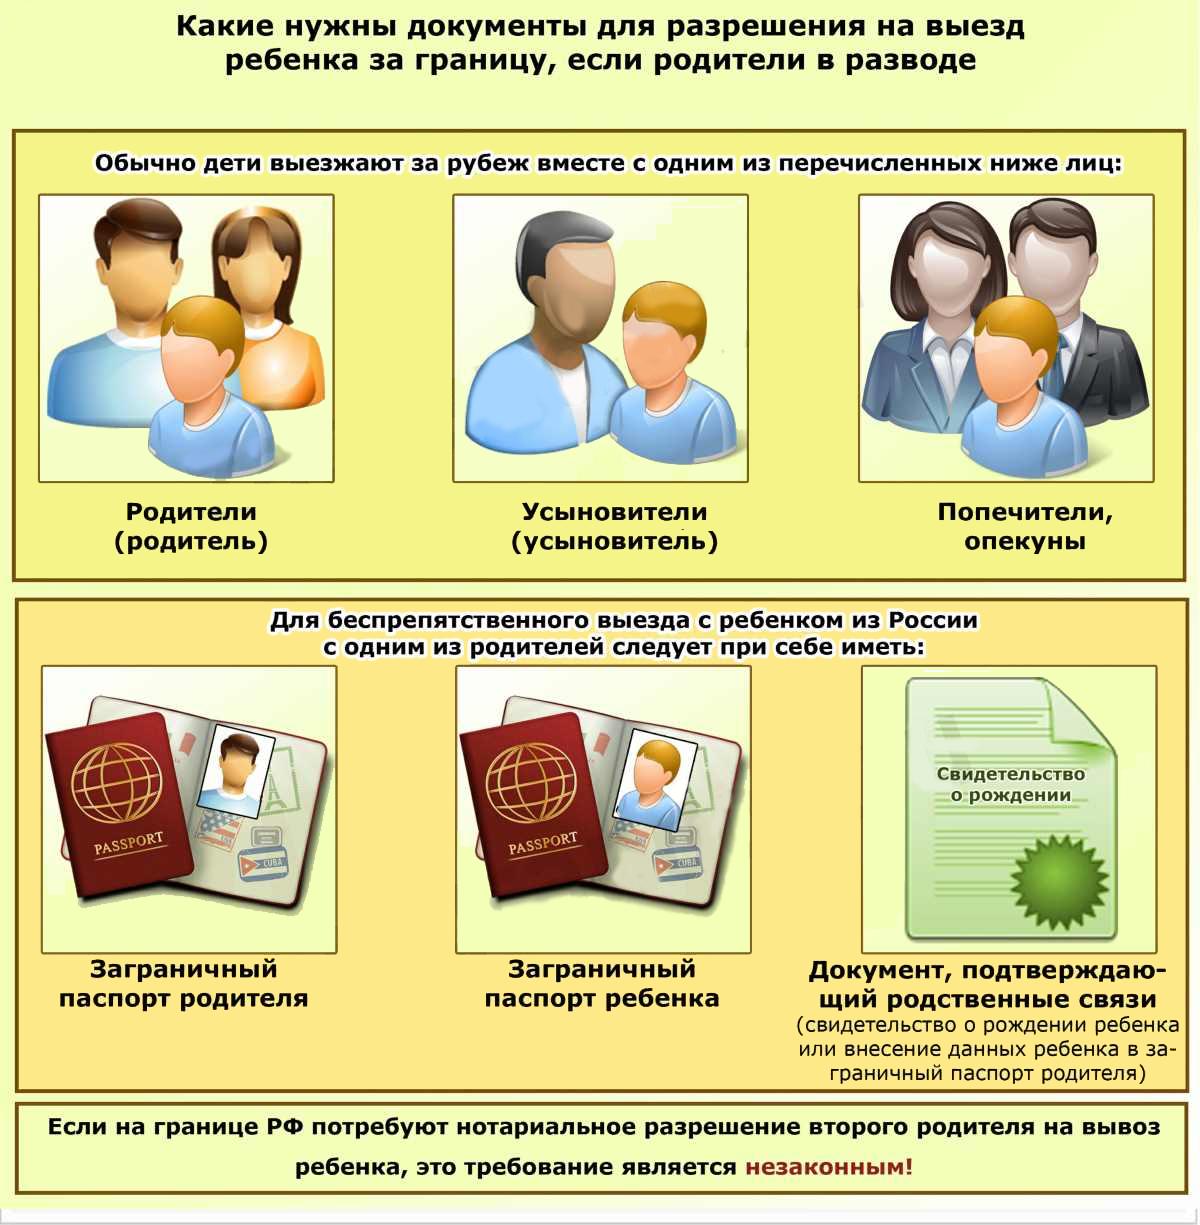 Как сделать разрешение на вывоз ребенка за границу при разводе